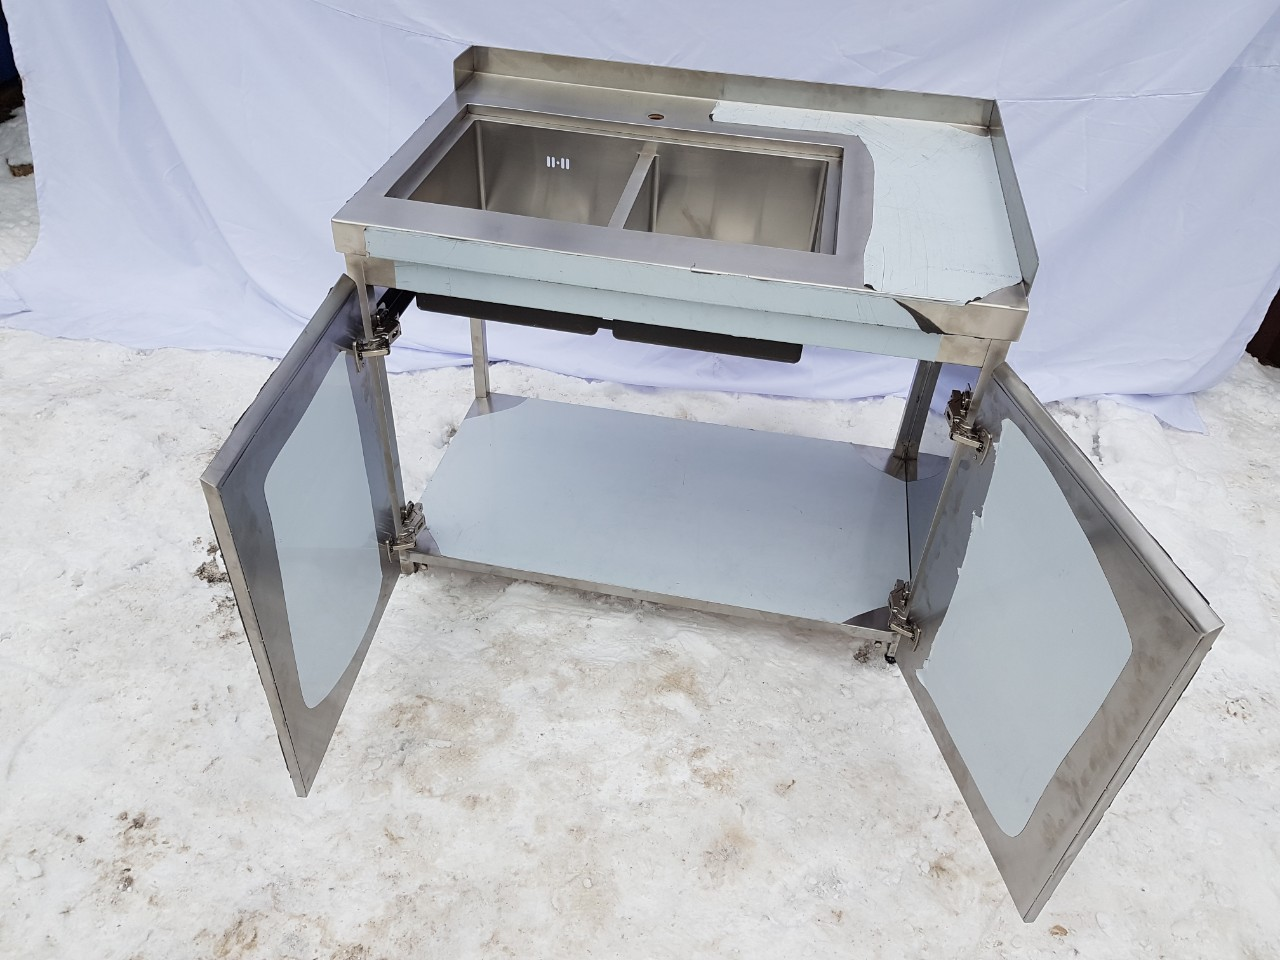 Стол производственный закрытый 1800мм x 600мм x 850мм - фотография №1